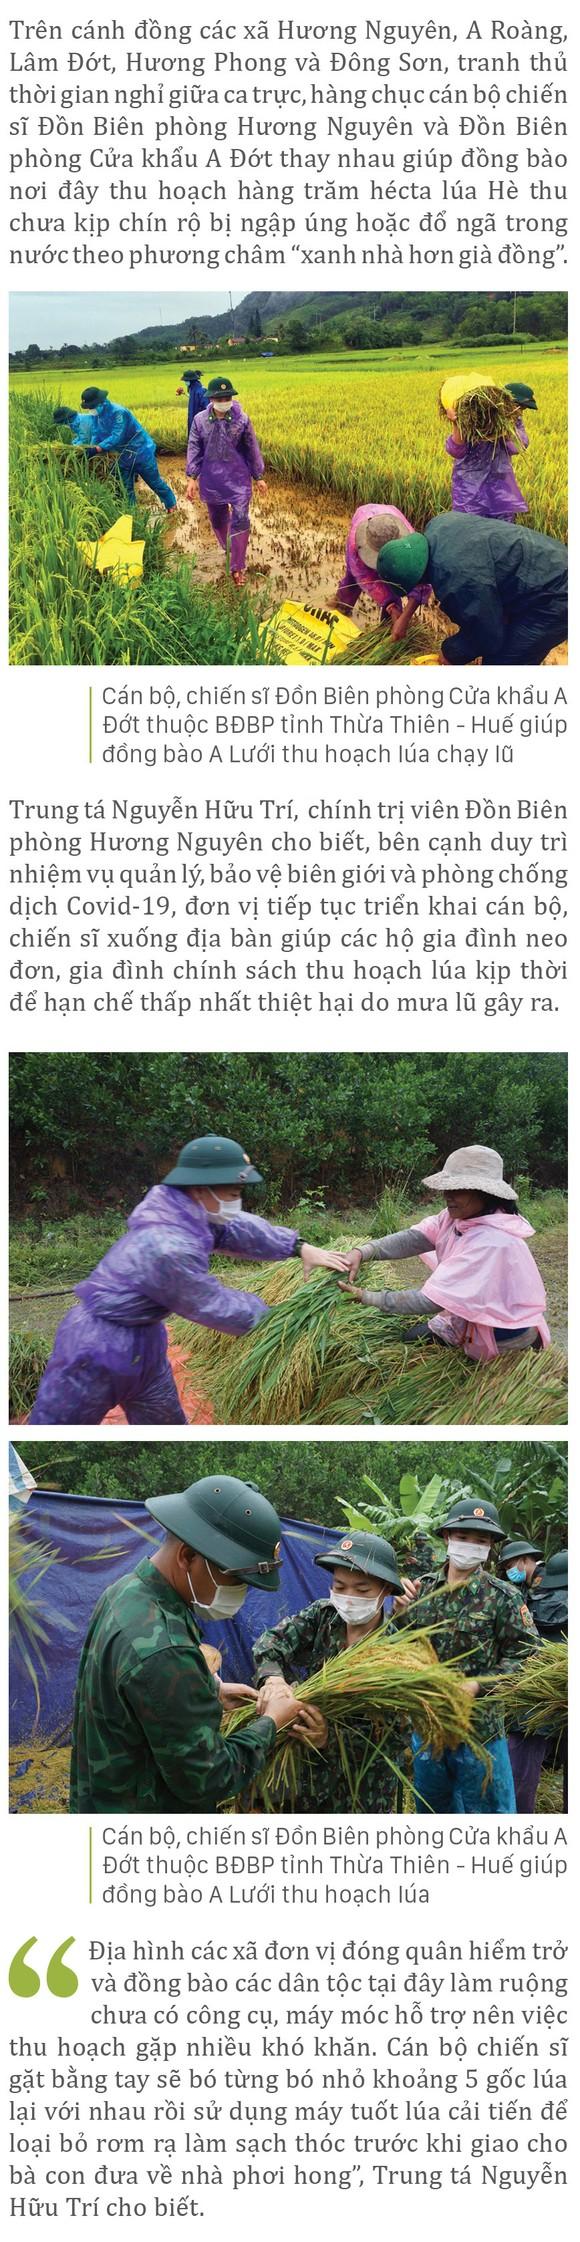 Nông dân miền Trung dầm mình cứu lúa sau mưa bão  ảnh 17